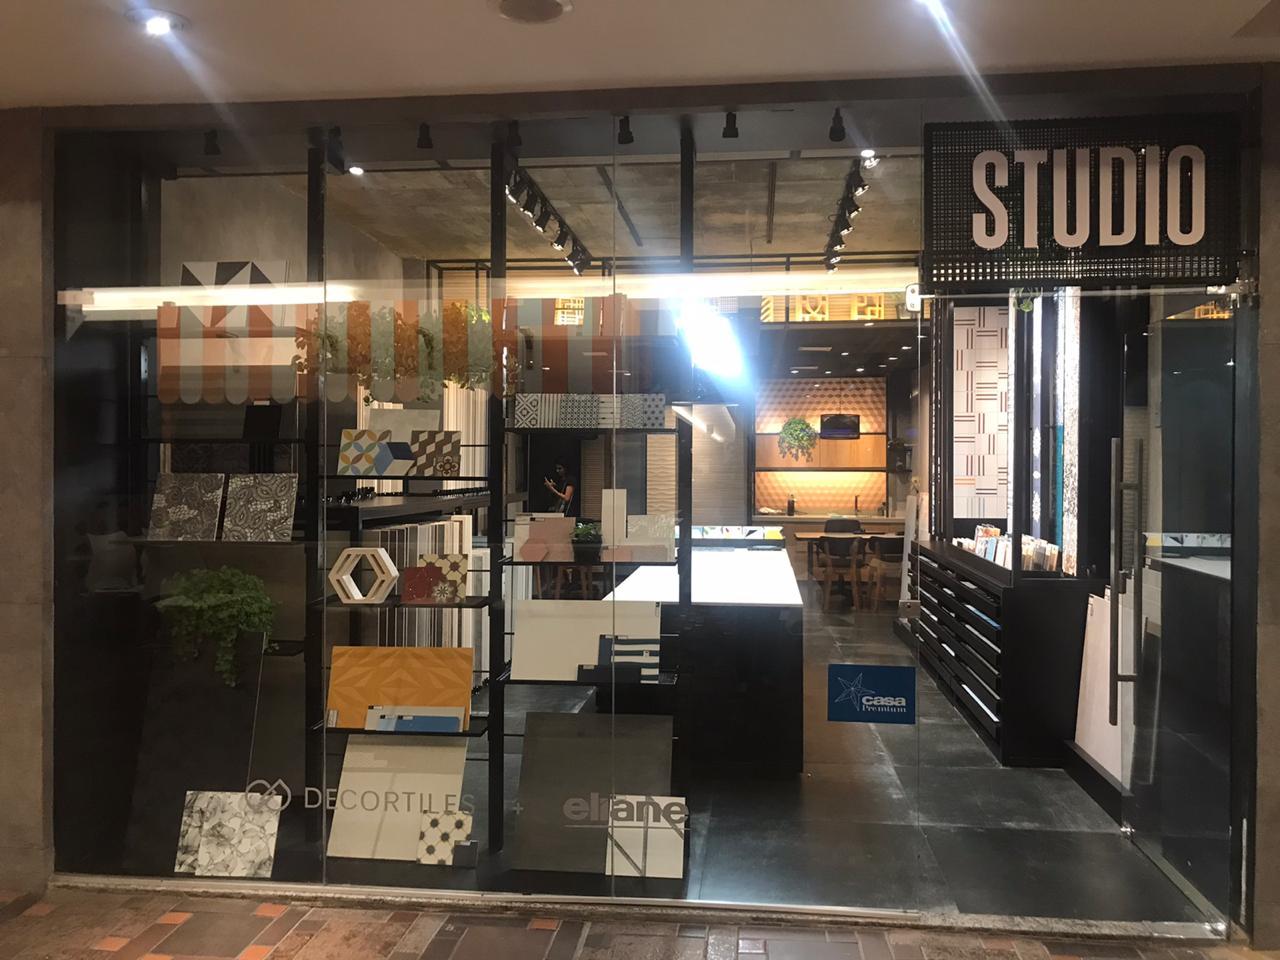 Loja Studio Decortiles Eliane - Loja De revestimentos RJ